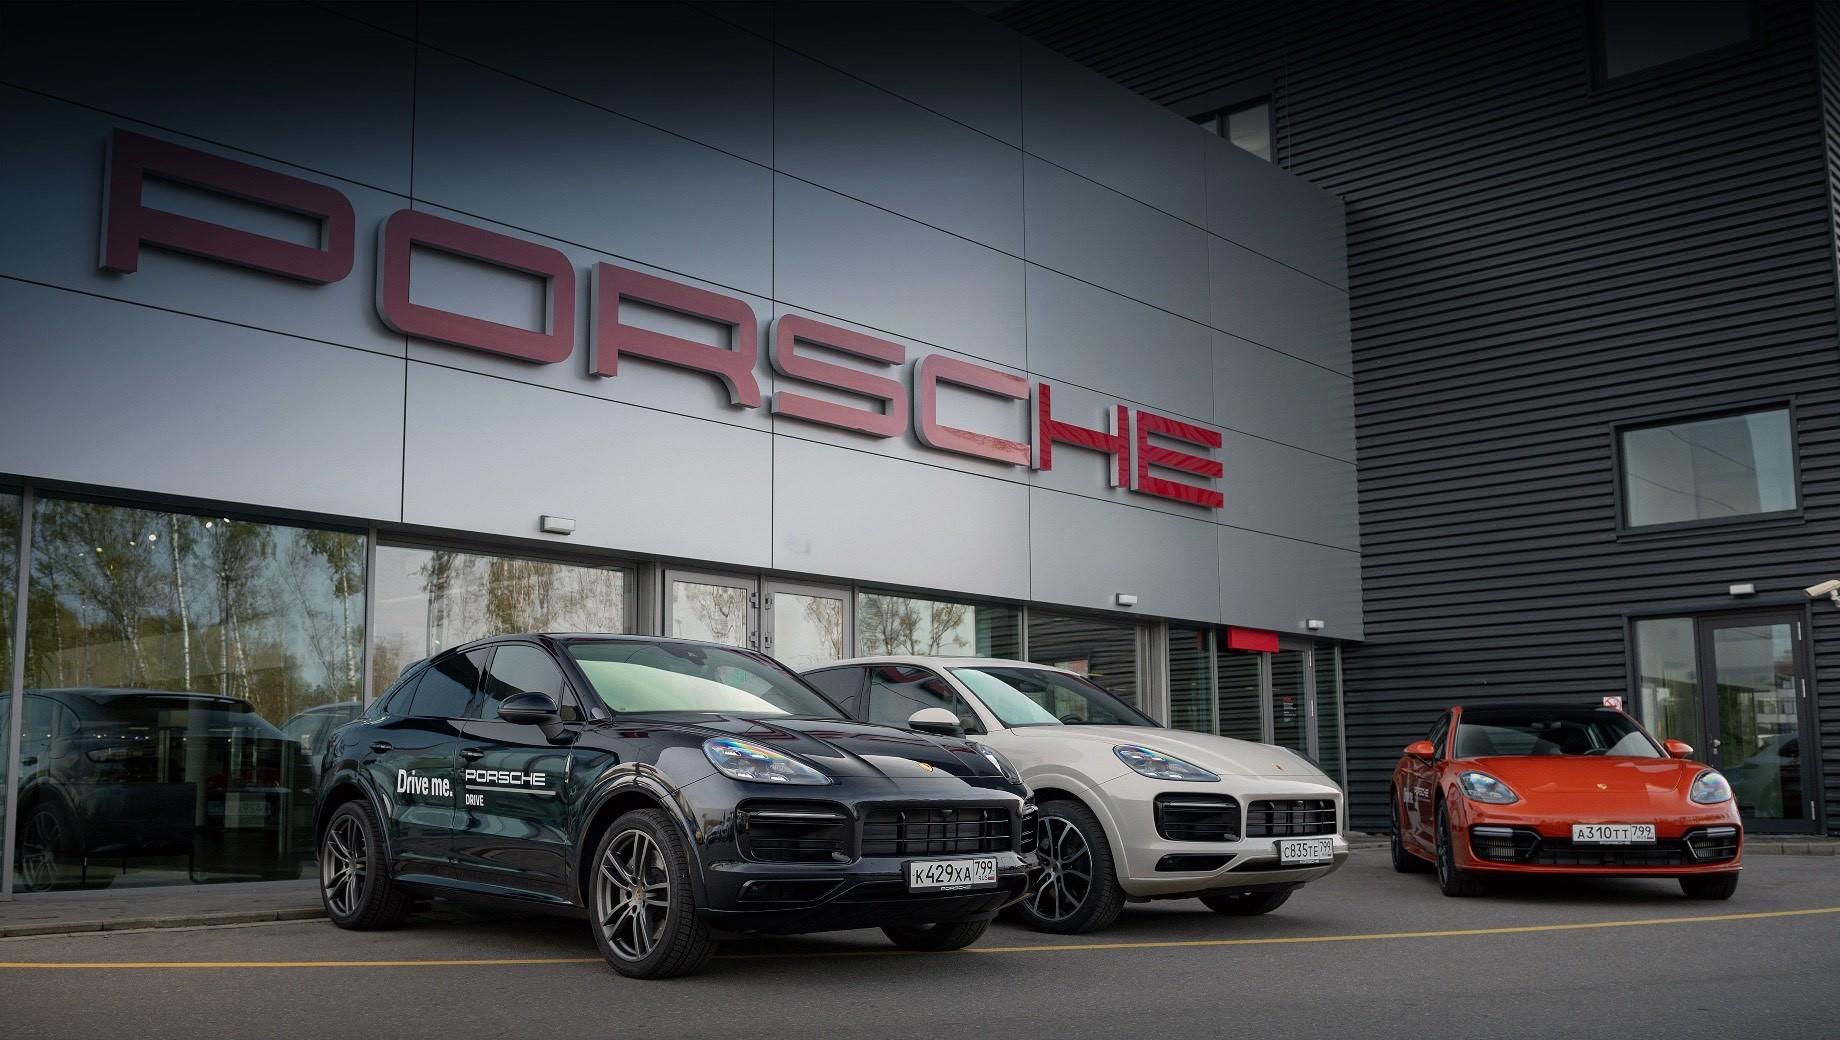 Porsche macan,Porsche cayenne,Porsche 911,Porsche 718 boxster,Porsche panamera. Программа Porsche Drive уже запущена, но в ней пока принимает участие лишь один московский дилер. Можно будет забрать машину там или заказать её доставку к дому, офису и даже в аэропорт. Позже сервис откроется и в других городах России. На данный момент Porsche Drive функционирует в Германии (с 2017 года), Швейцарии, Франции, США и Японии.